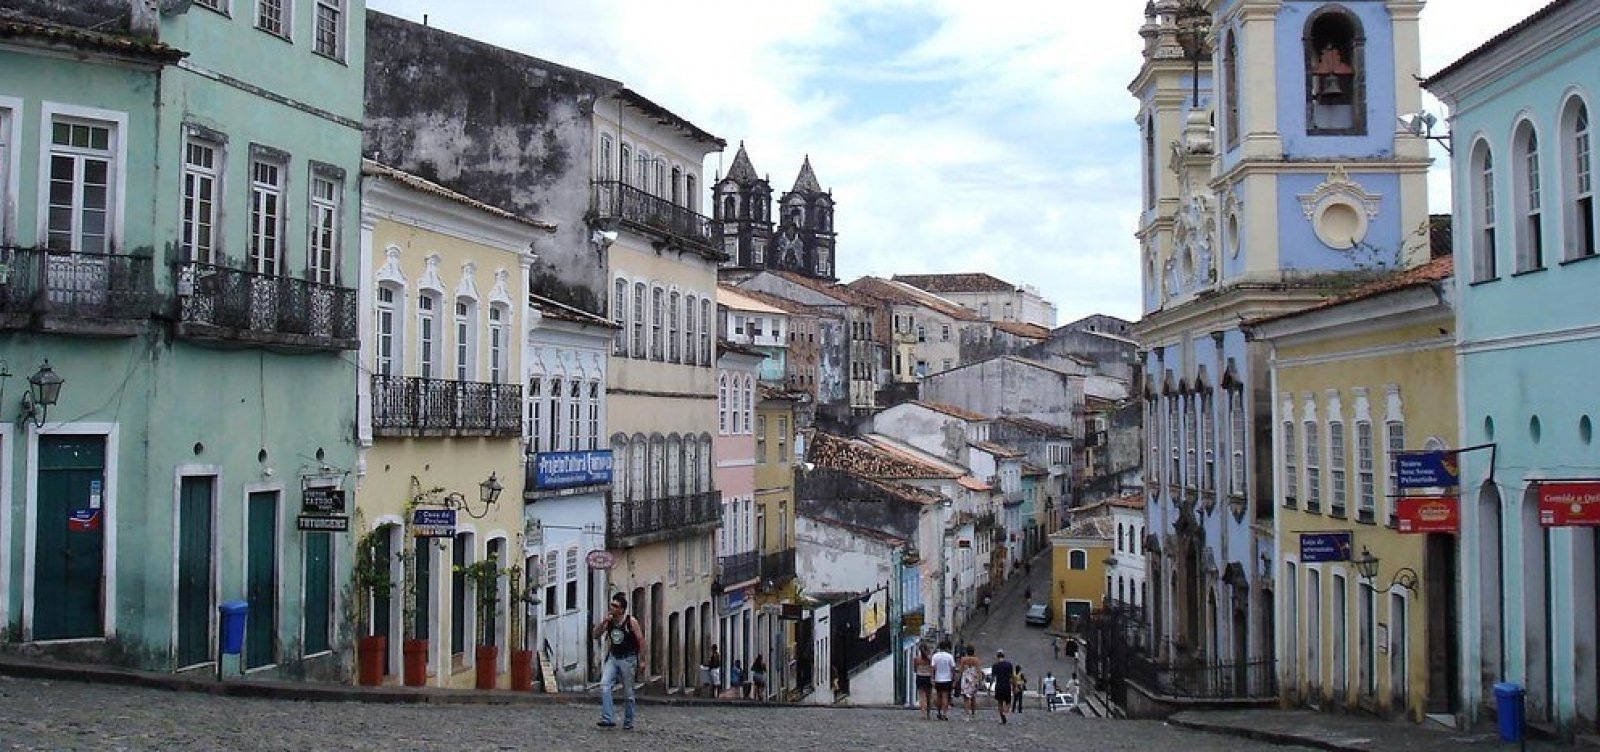 Bahia deve assinar acordo com Portugal para requalificar Centro Histórico